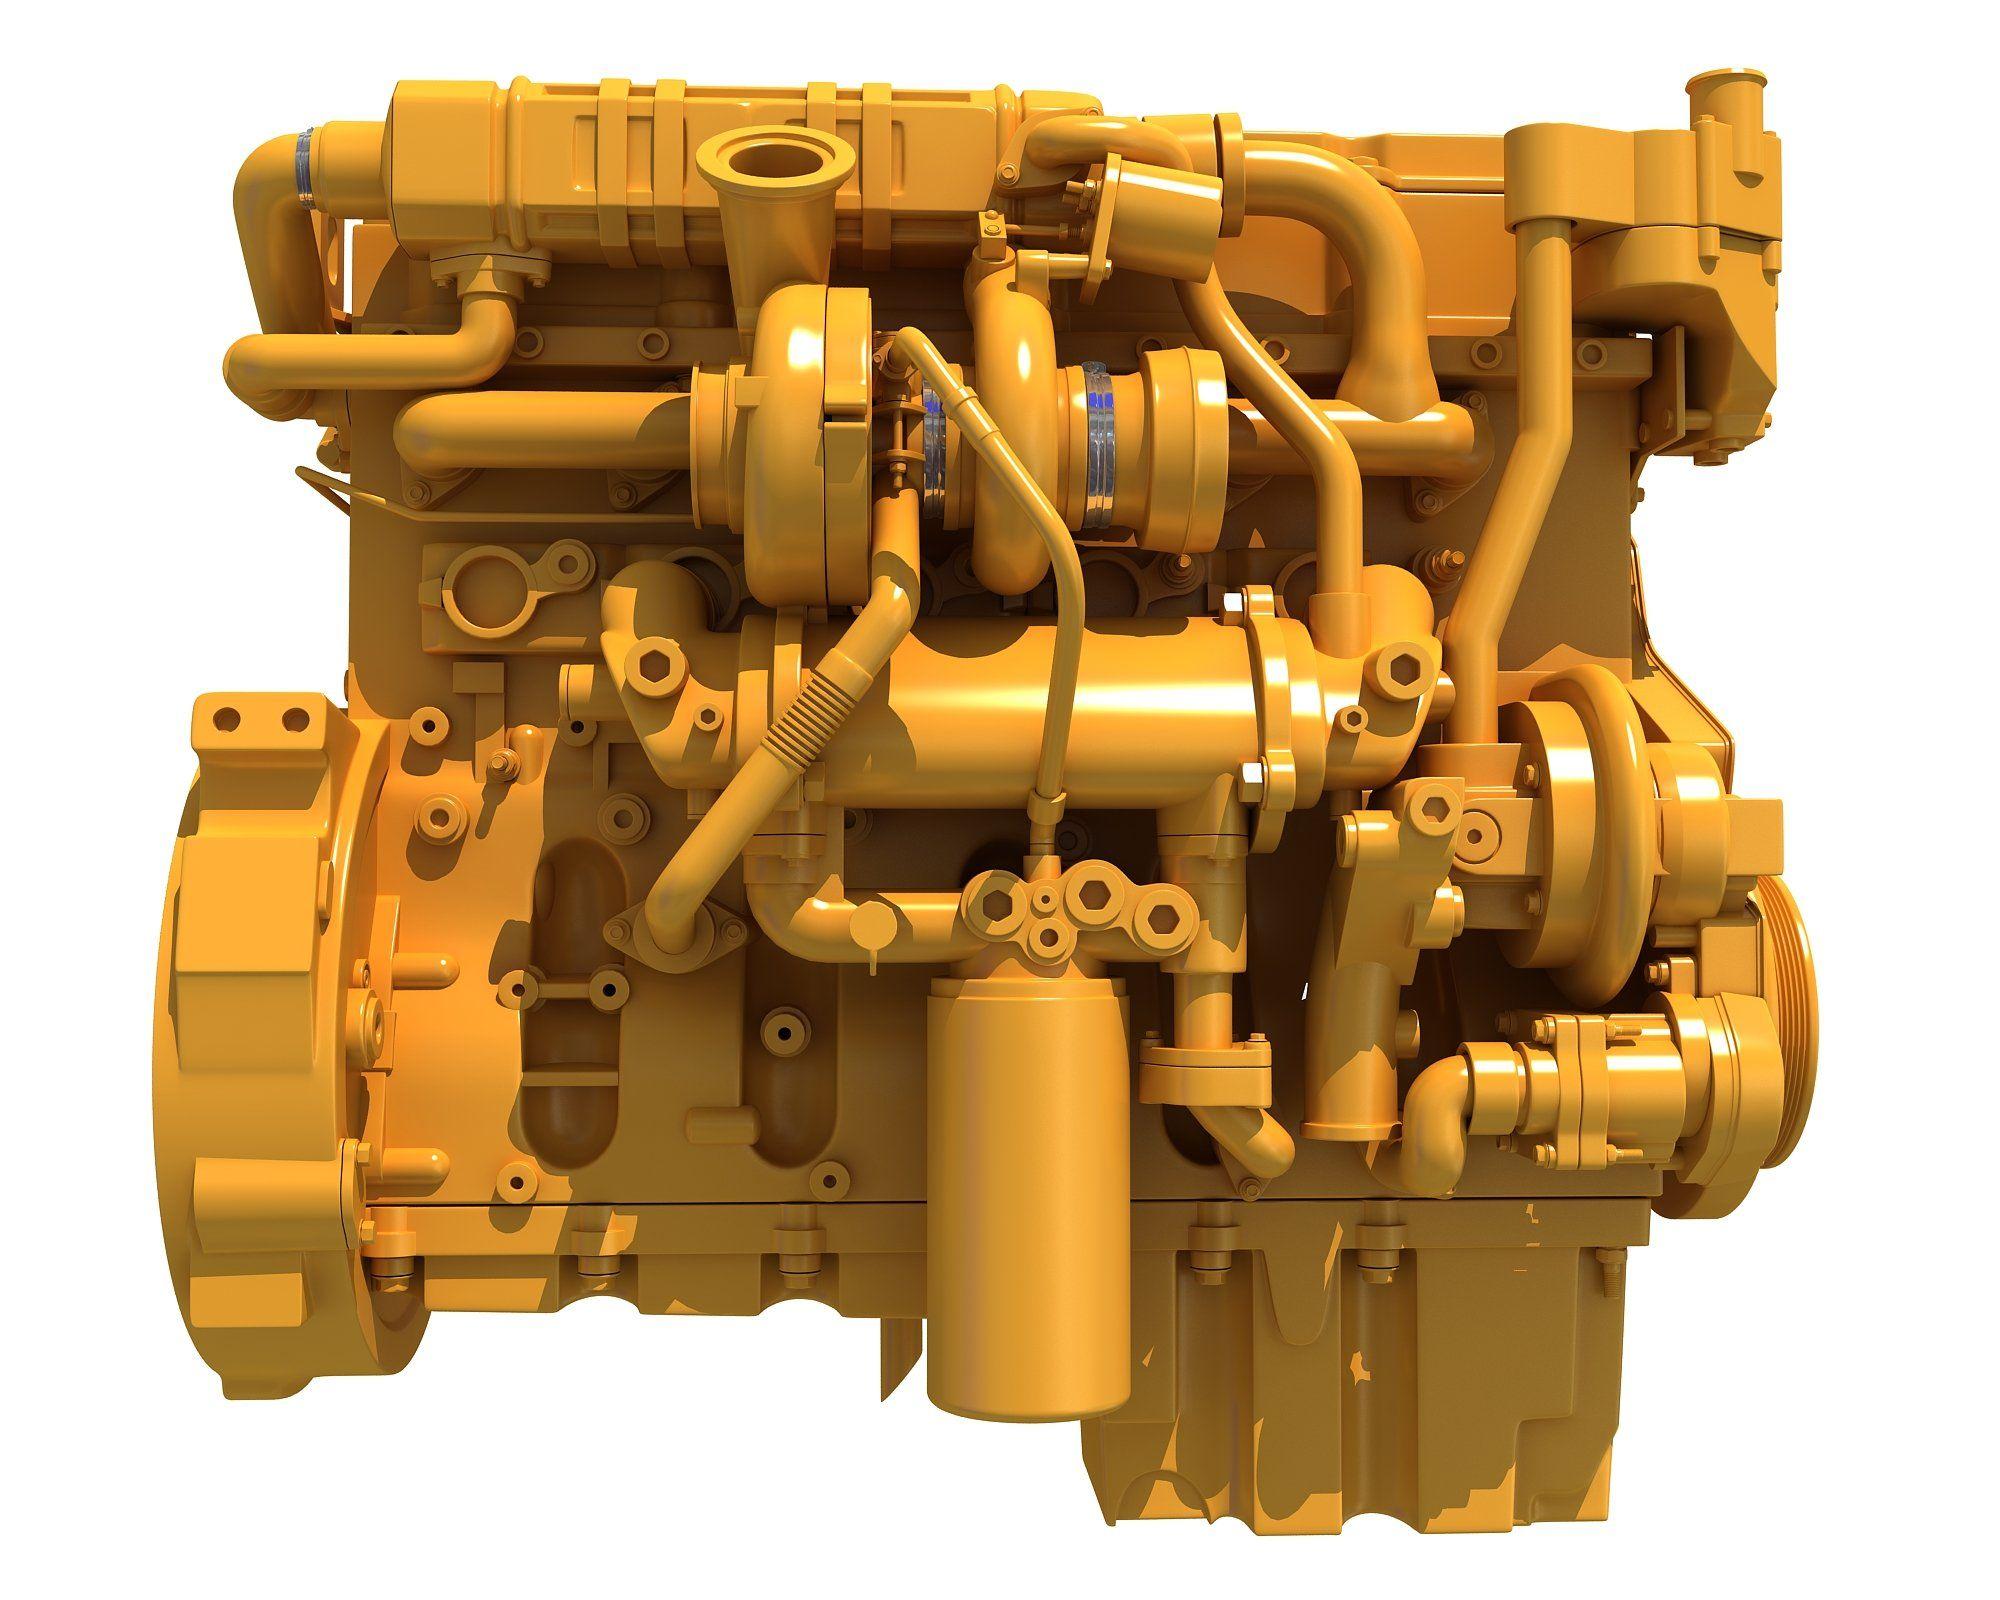 Industrial Diesel Engine Diesel Engine Engineering Automobile Engineering